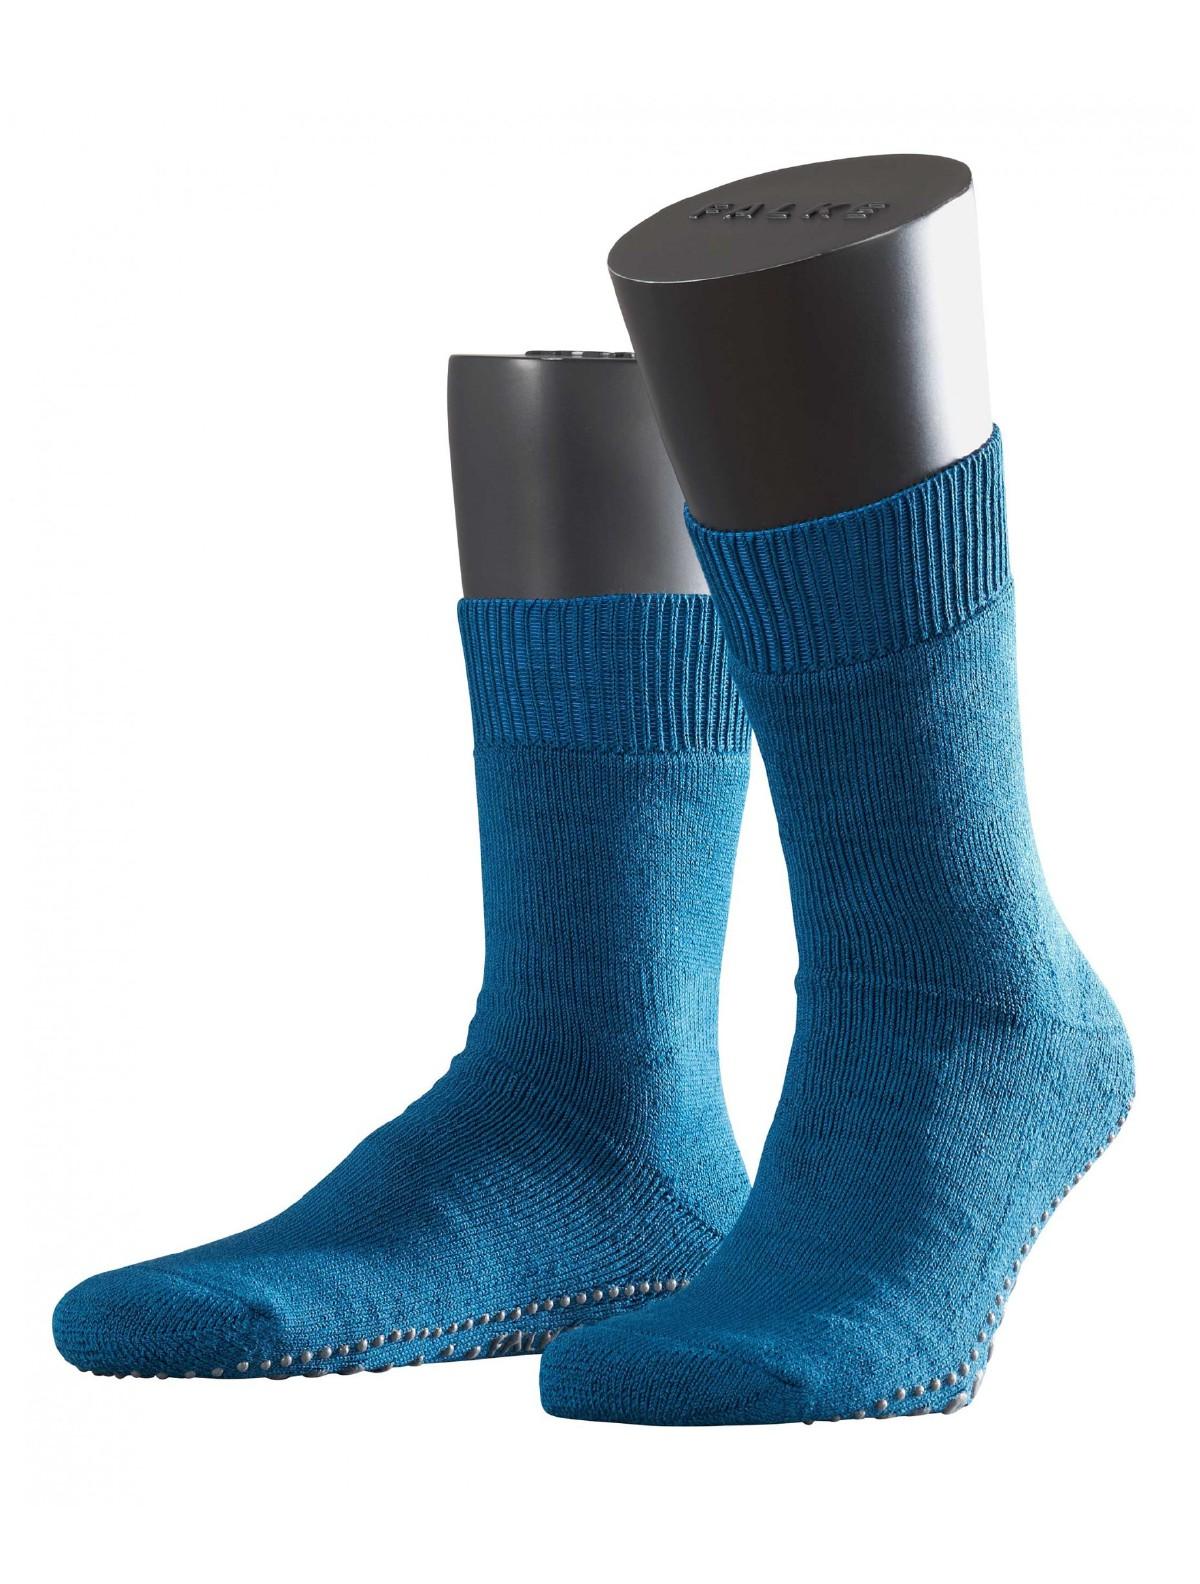 Falke Non-slip House Socks for Men